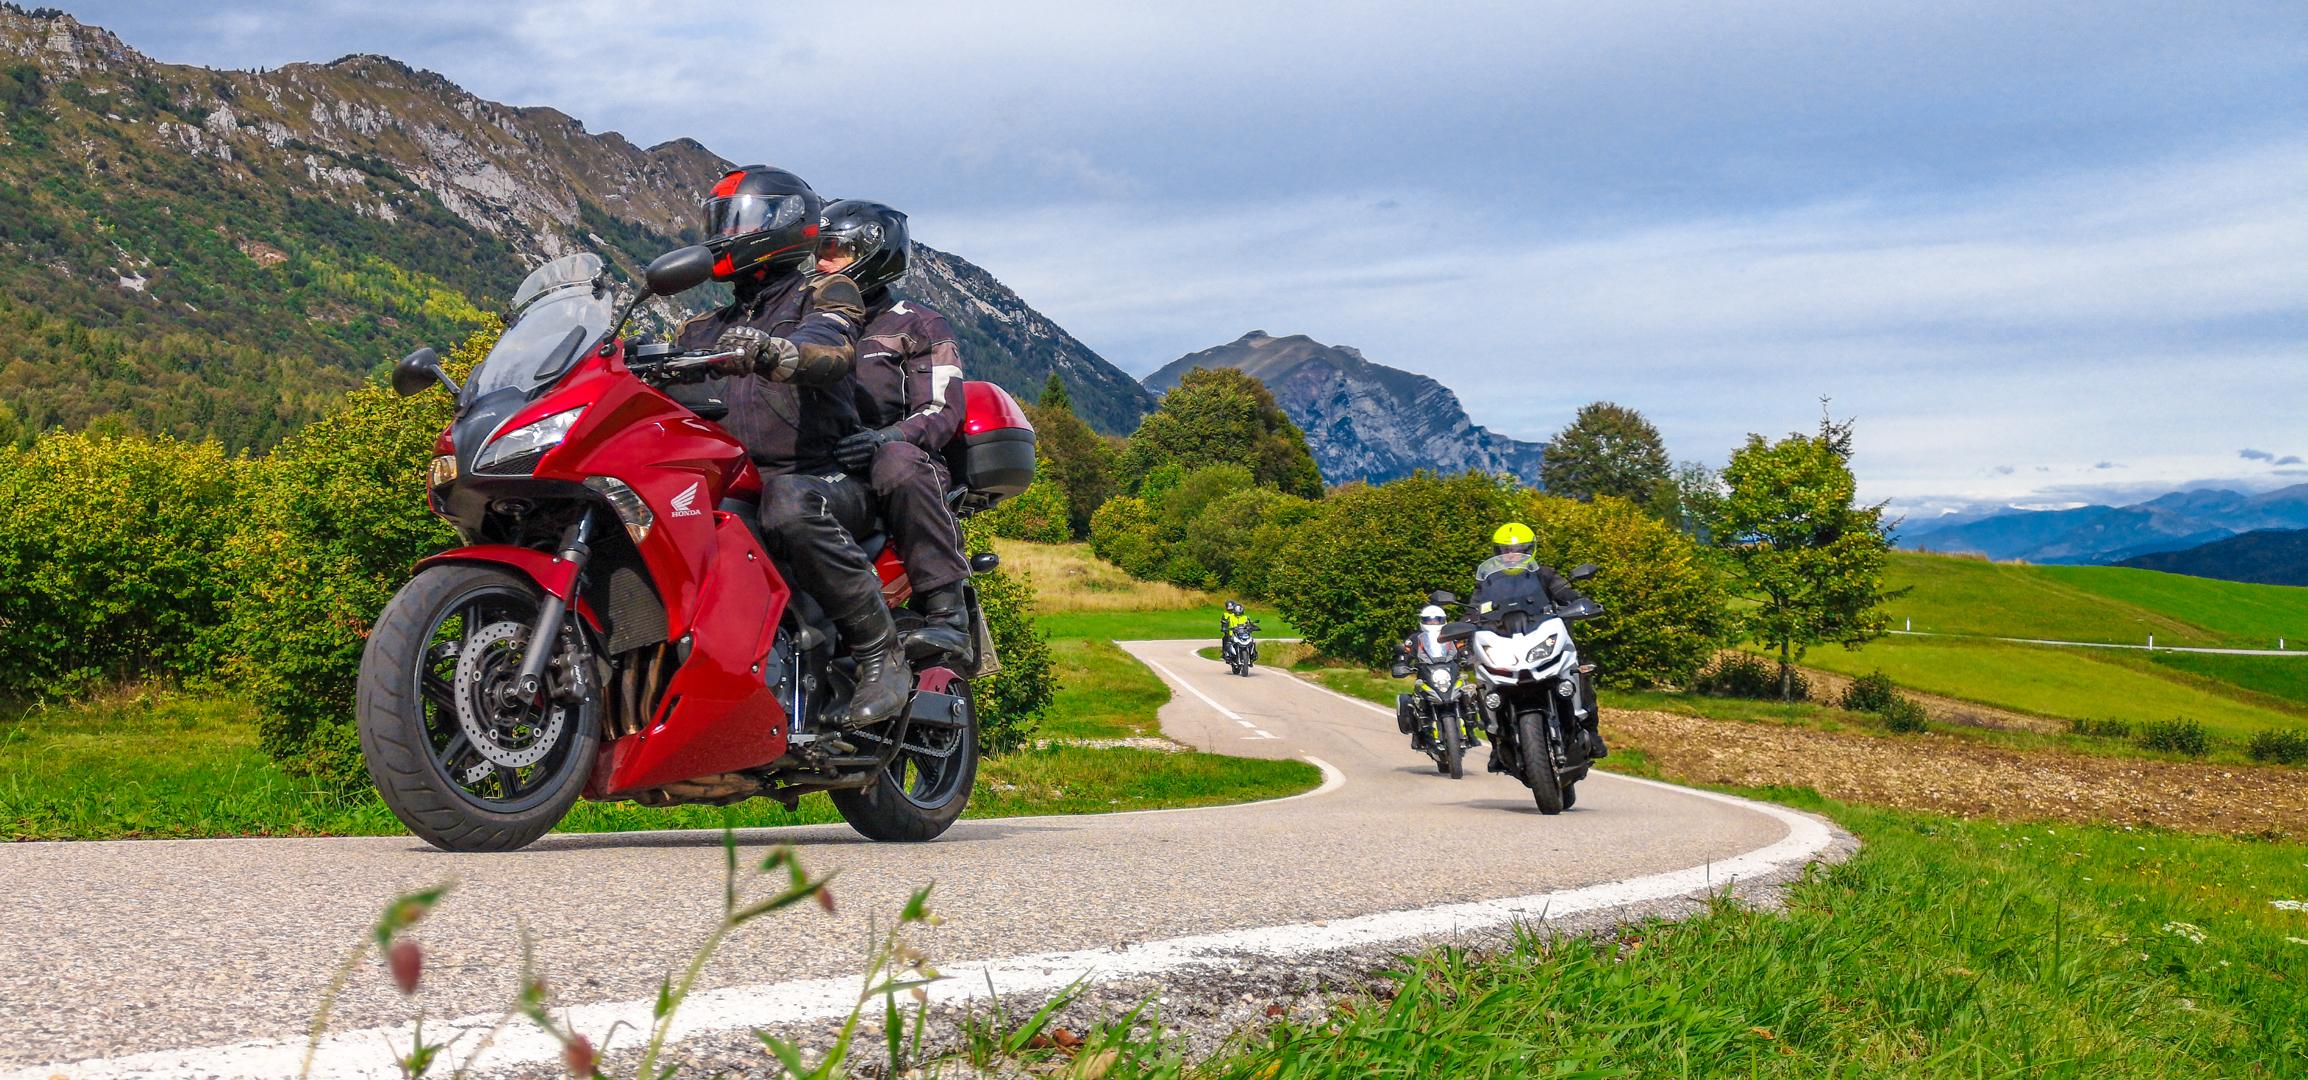 Motorradreisen bei Motorrad & Reisen - etwas besonderes Erleben